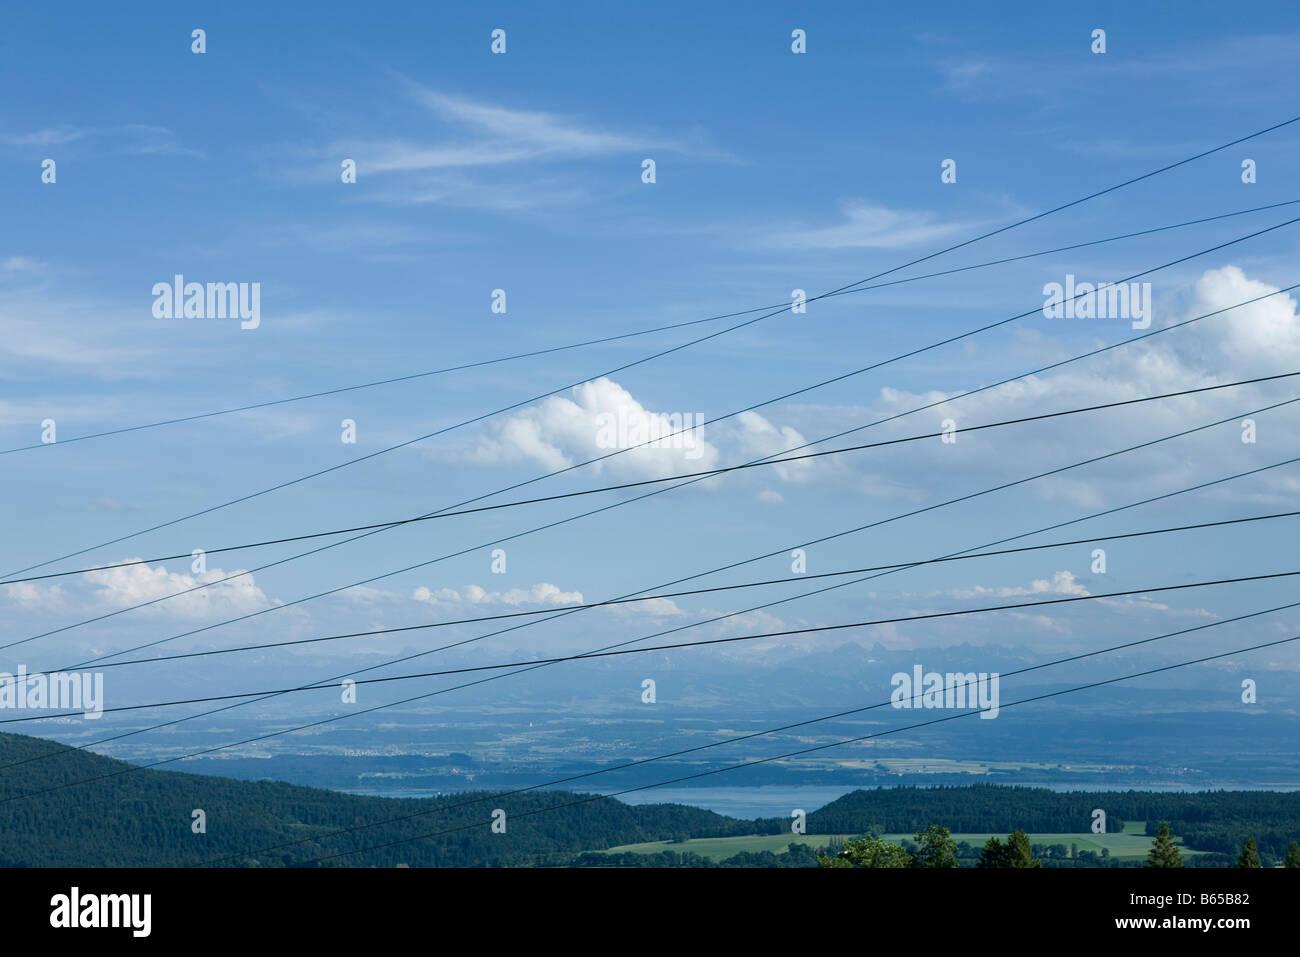 Kabel Kreuz und quer vor landschaftlich Stockbild